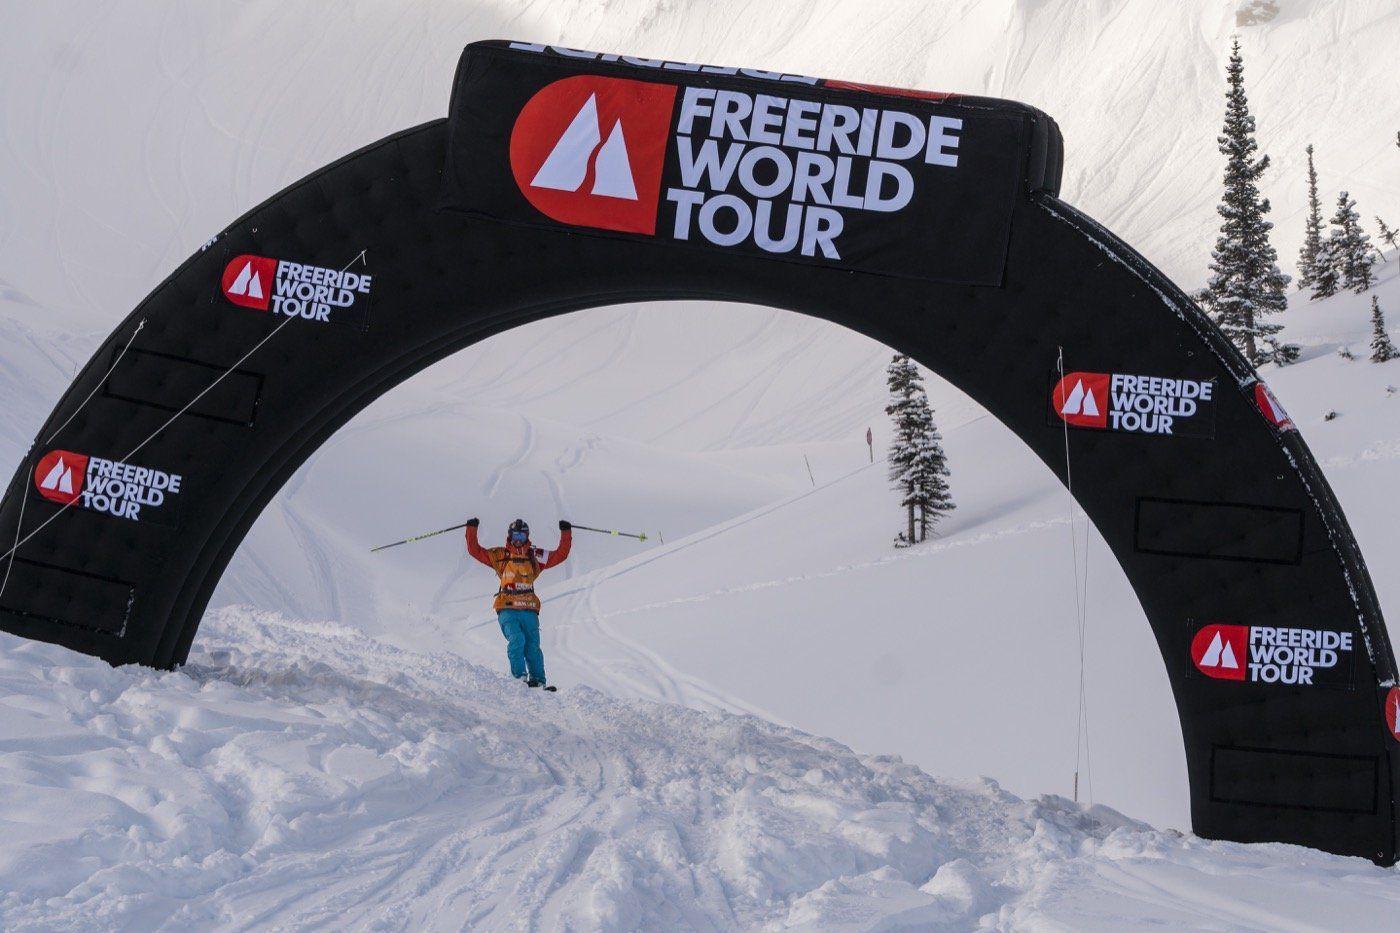 freeride world tour